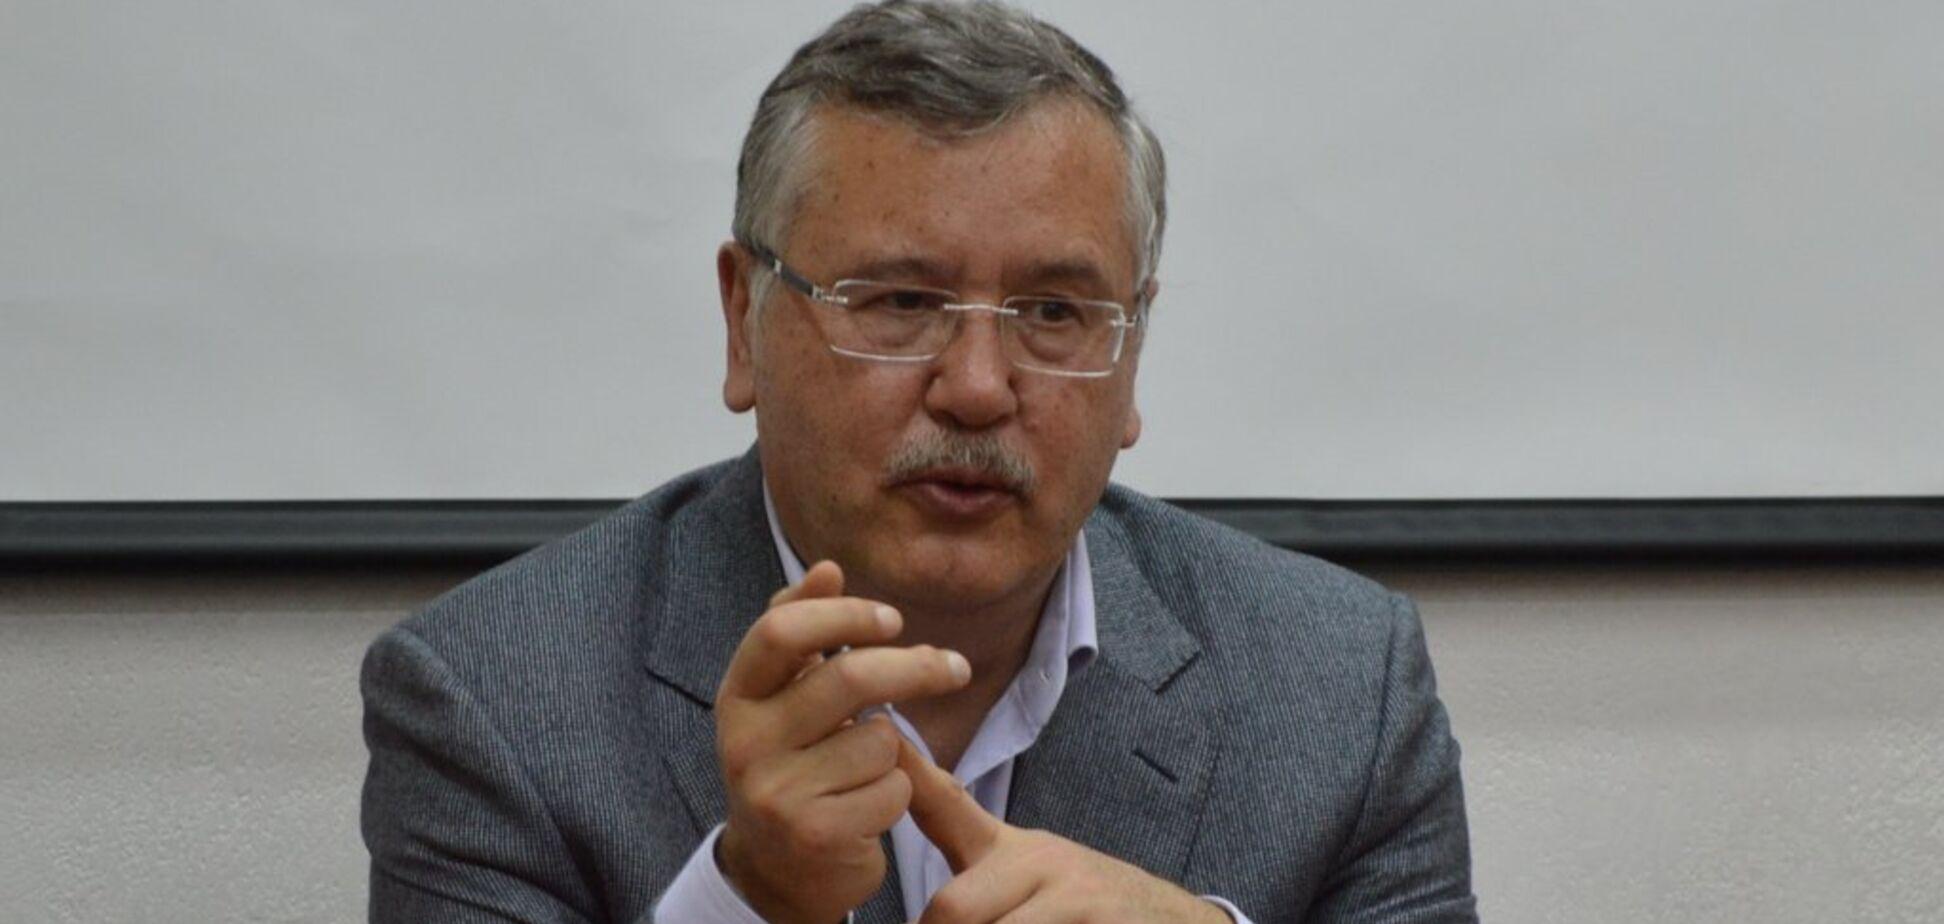 Гриценко рассказал о пользе полиграфа